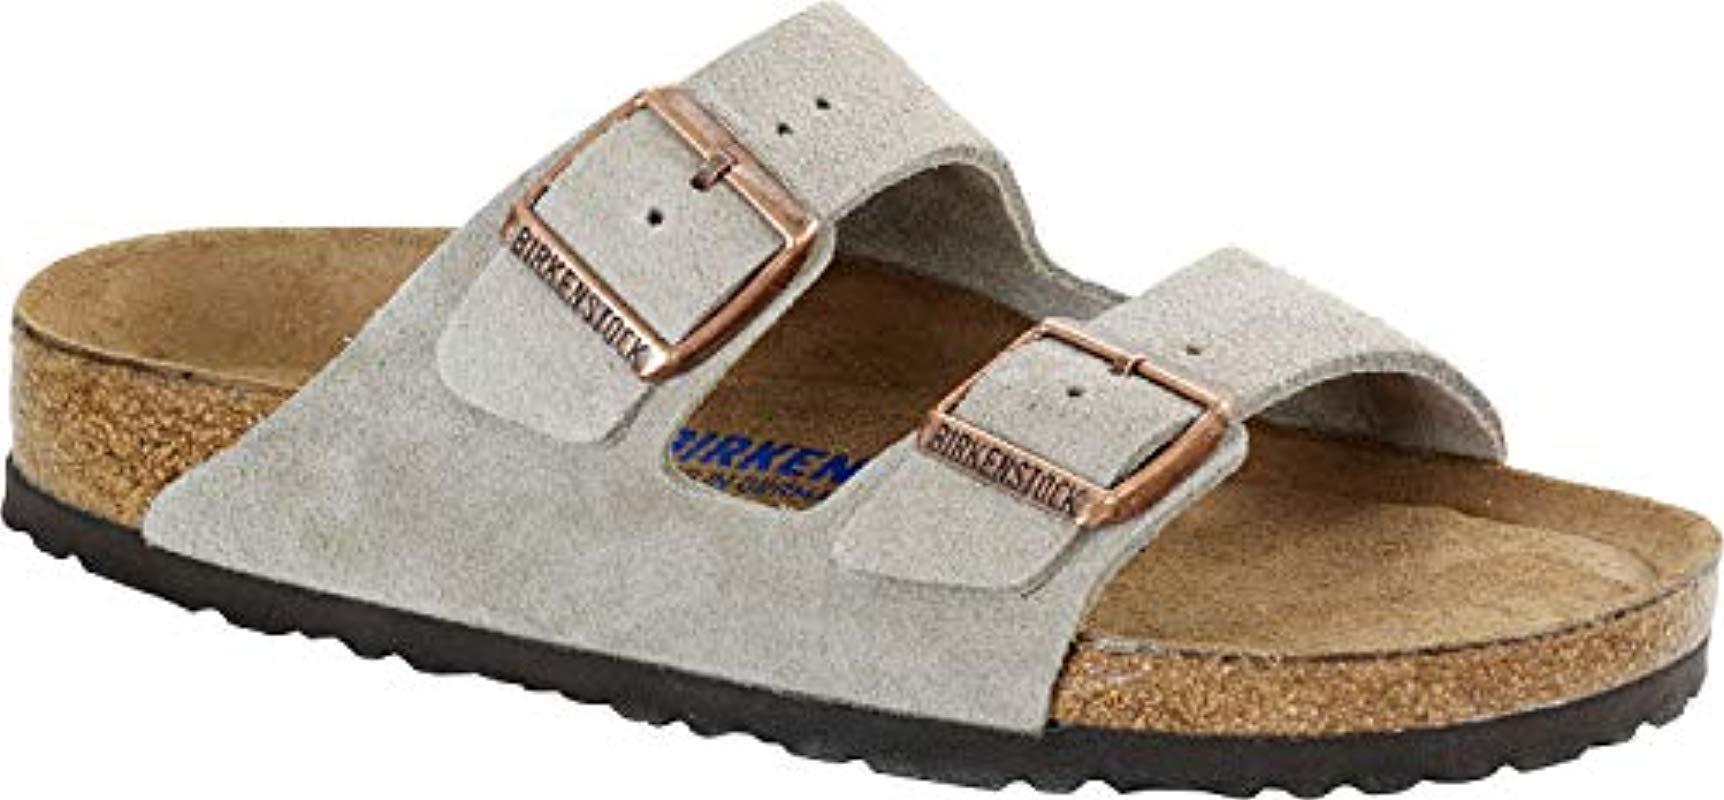 9b133b1d4d Lyst - Birkenstock Arizona Unisex Leather Sandal for Men